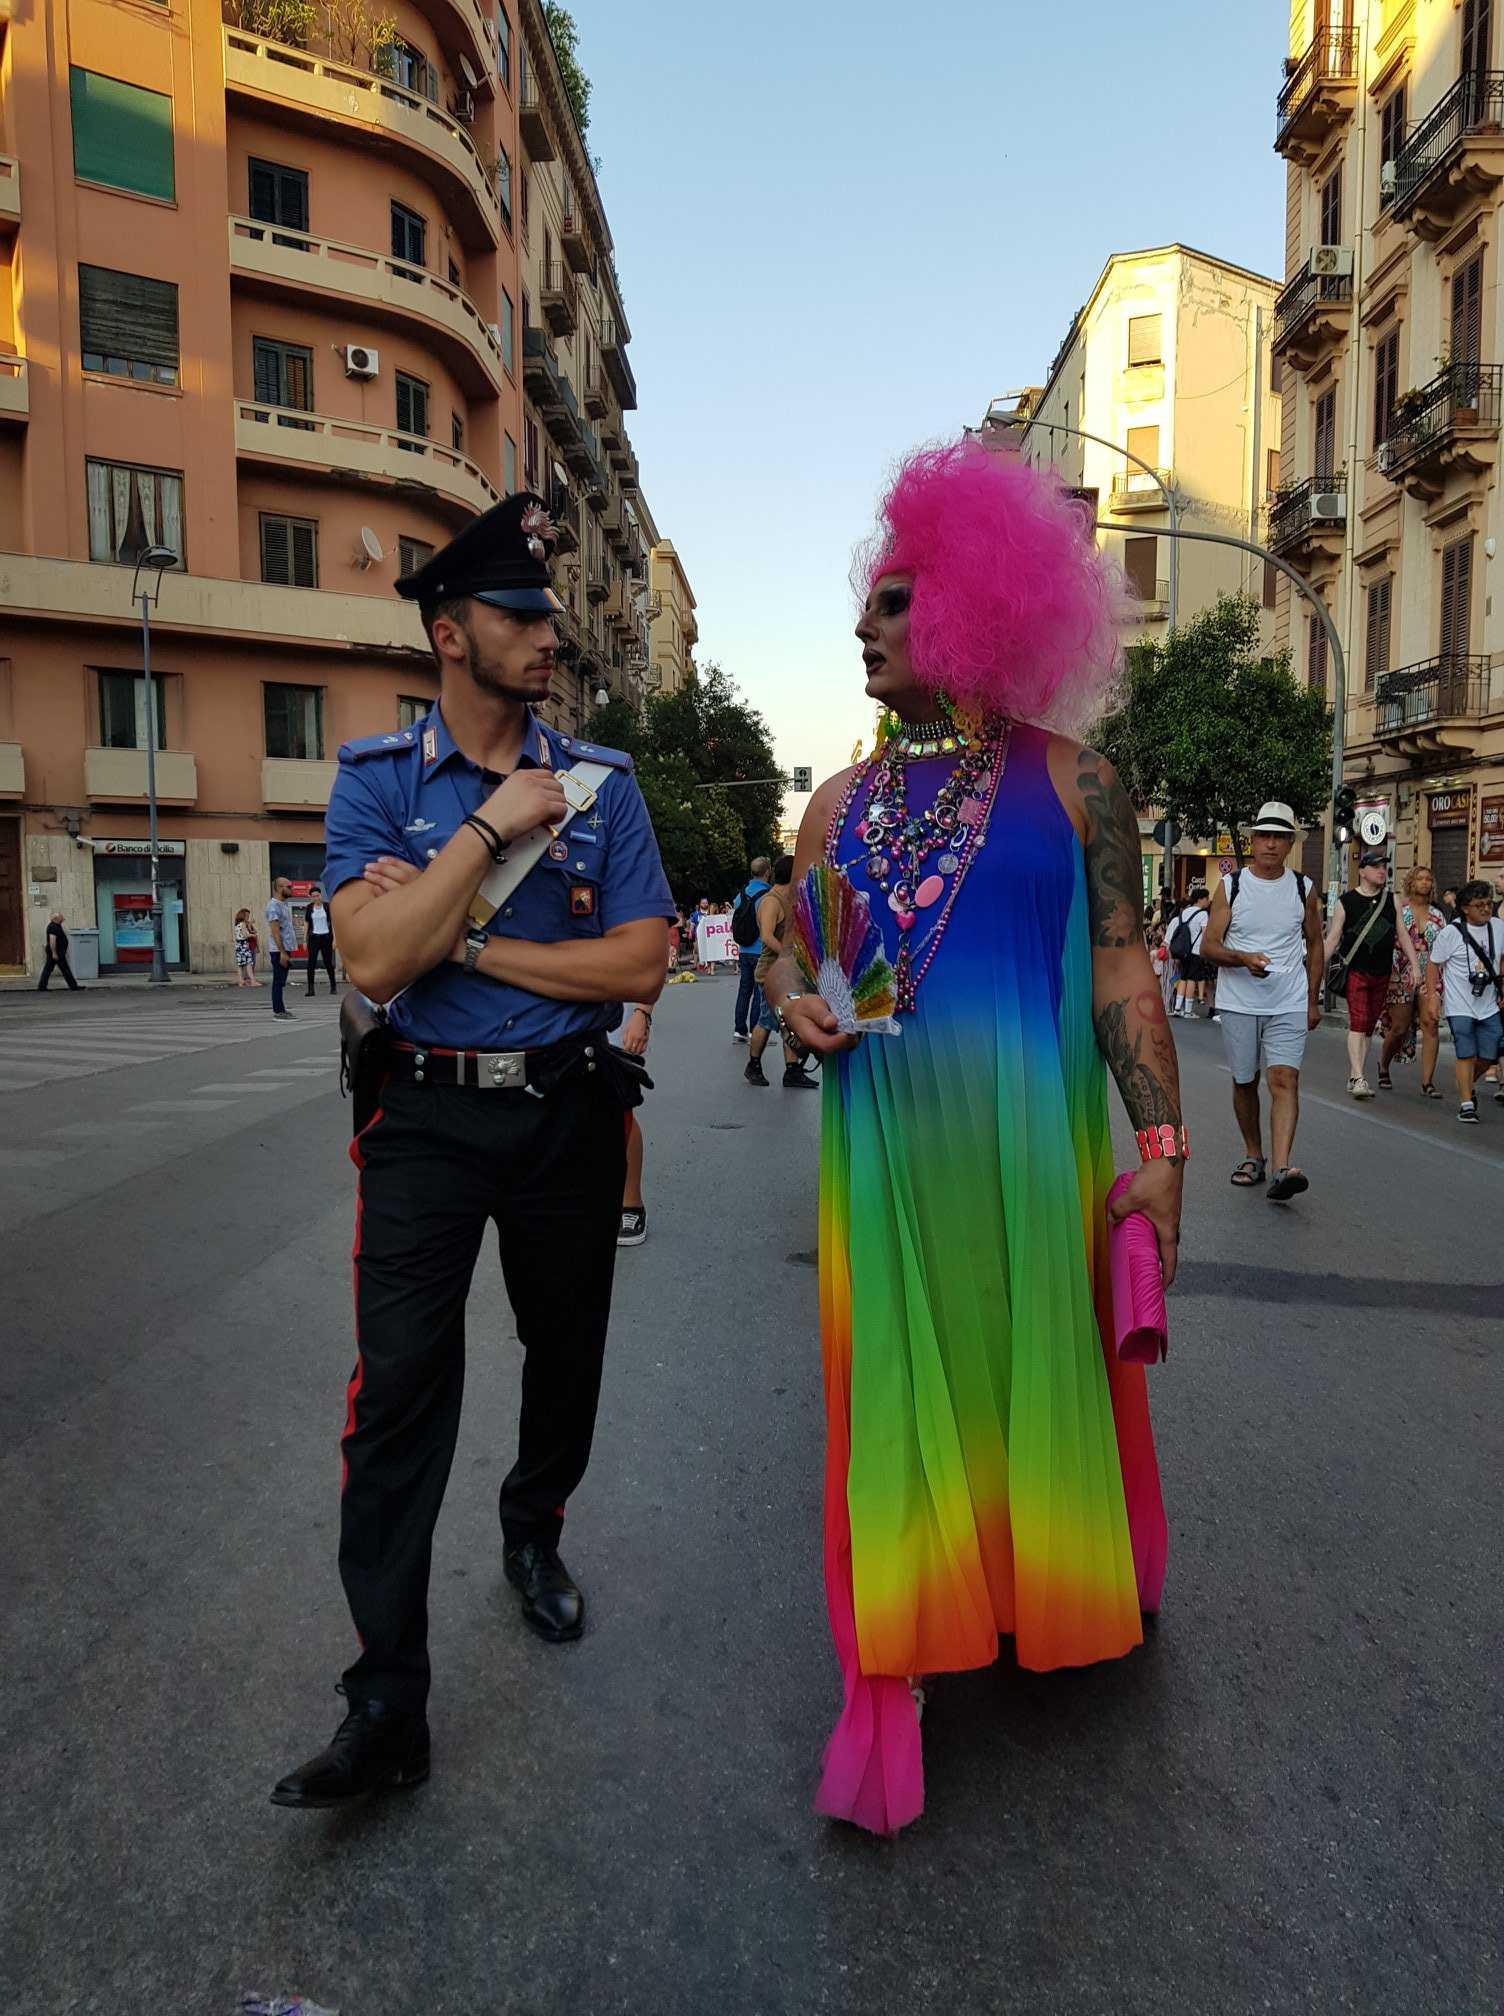 carabiniere drag queen gay pride palermo